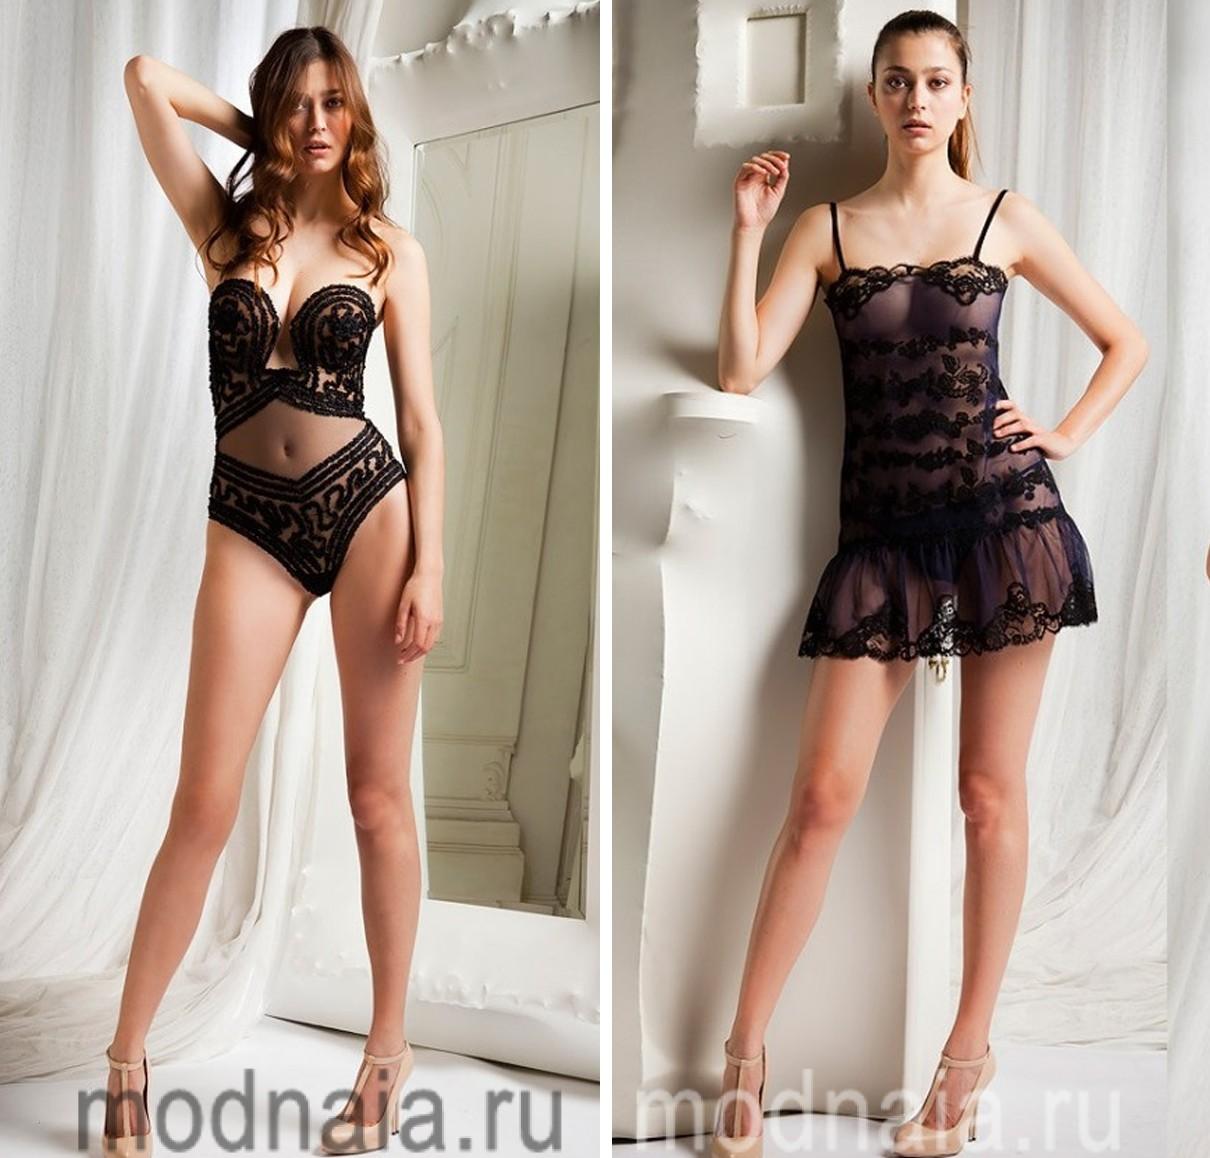 Эротика с моделями в шикарных вечерних платьях 9 фотография